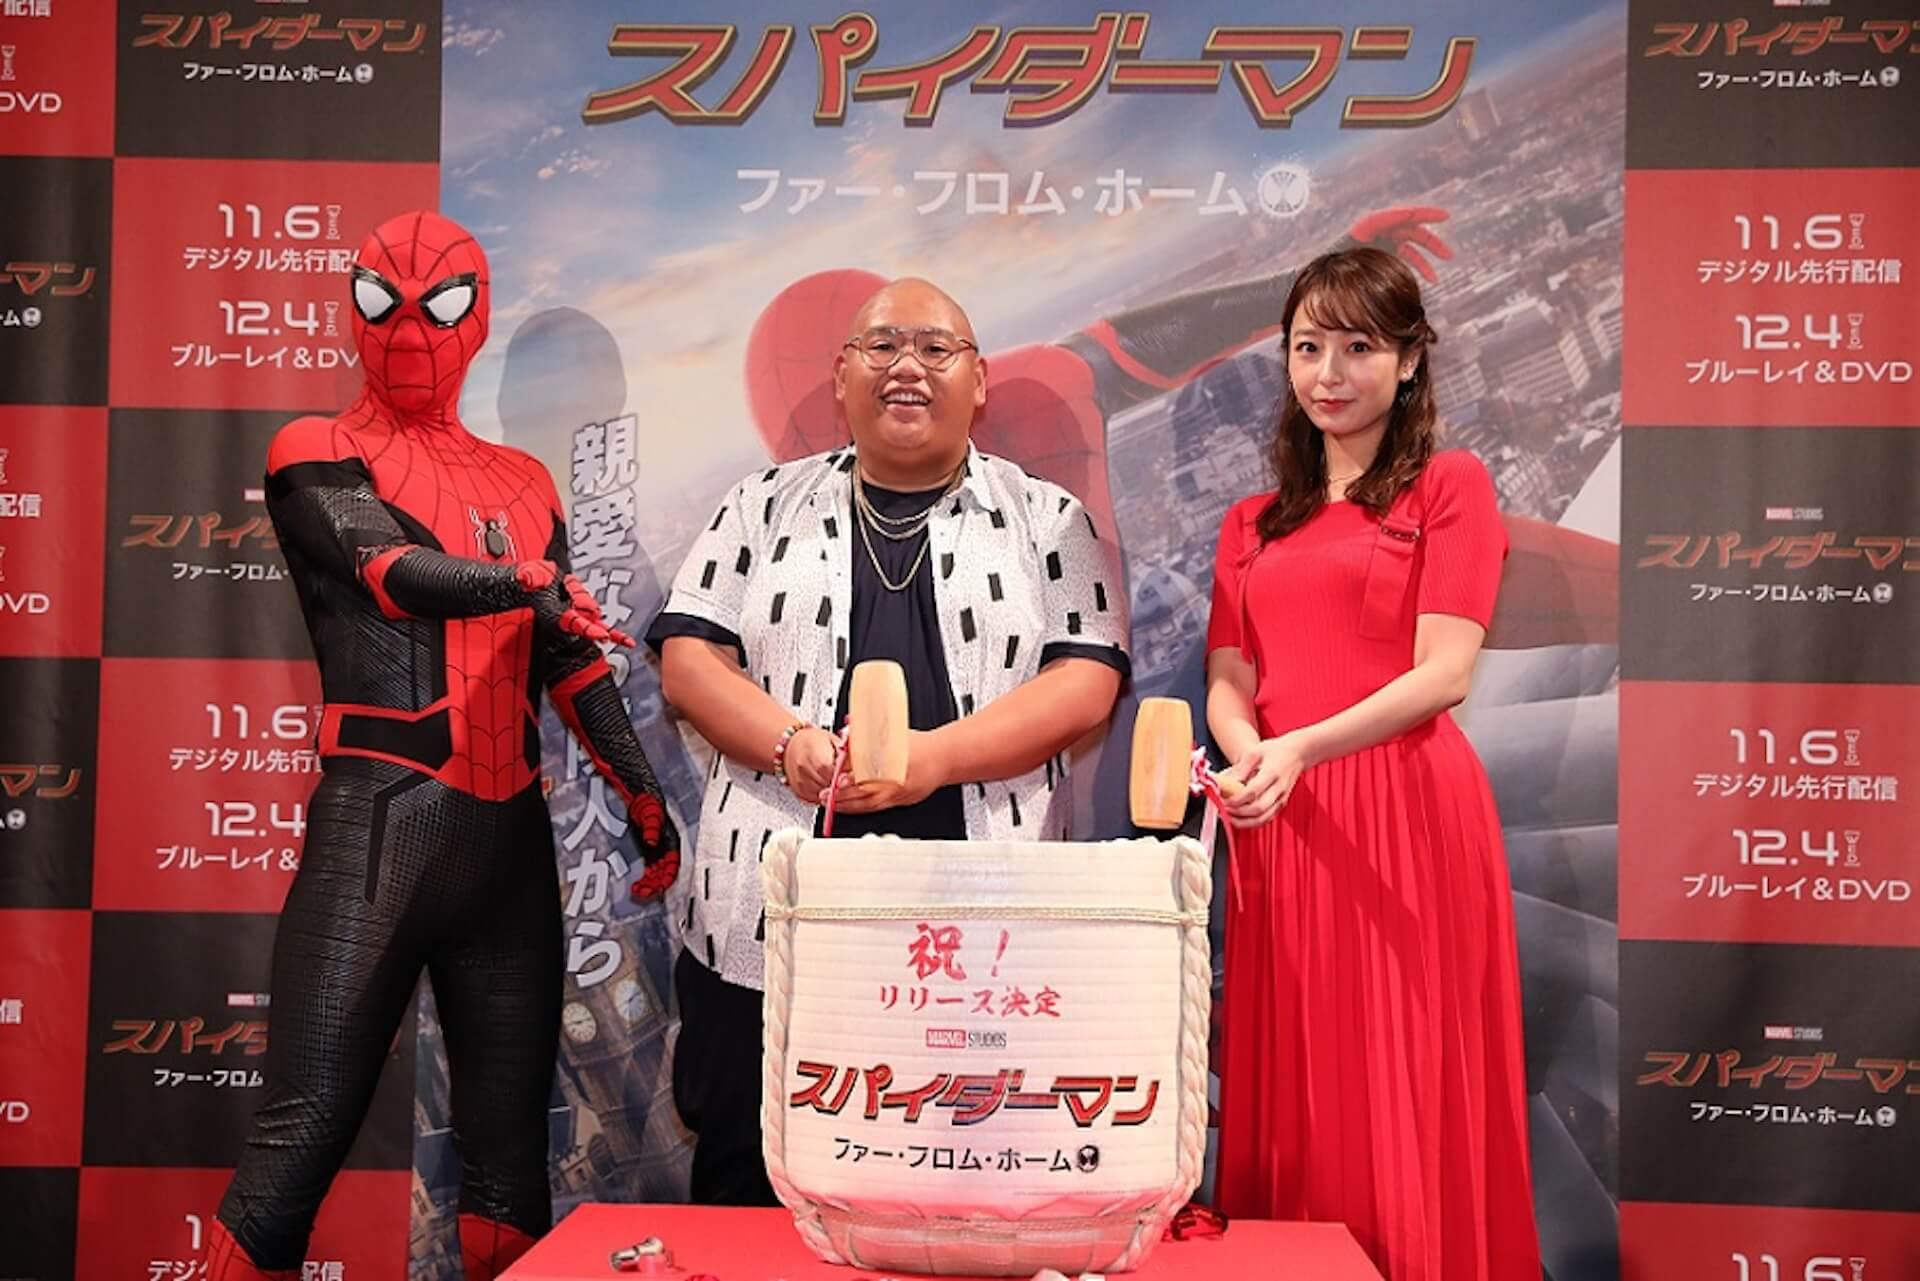 「スパイダーマン」の親友、ジェイコブ・バタロンが初来日!宇垣美里と鏡開きでテンションMAX film190917_sffh_jacob_7